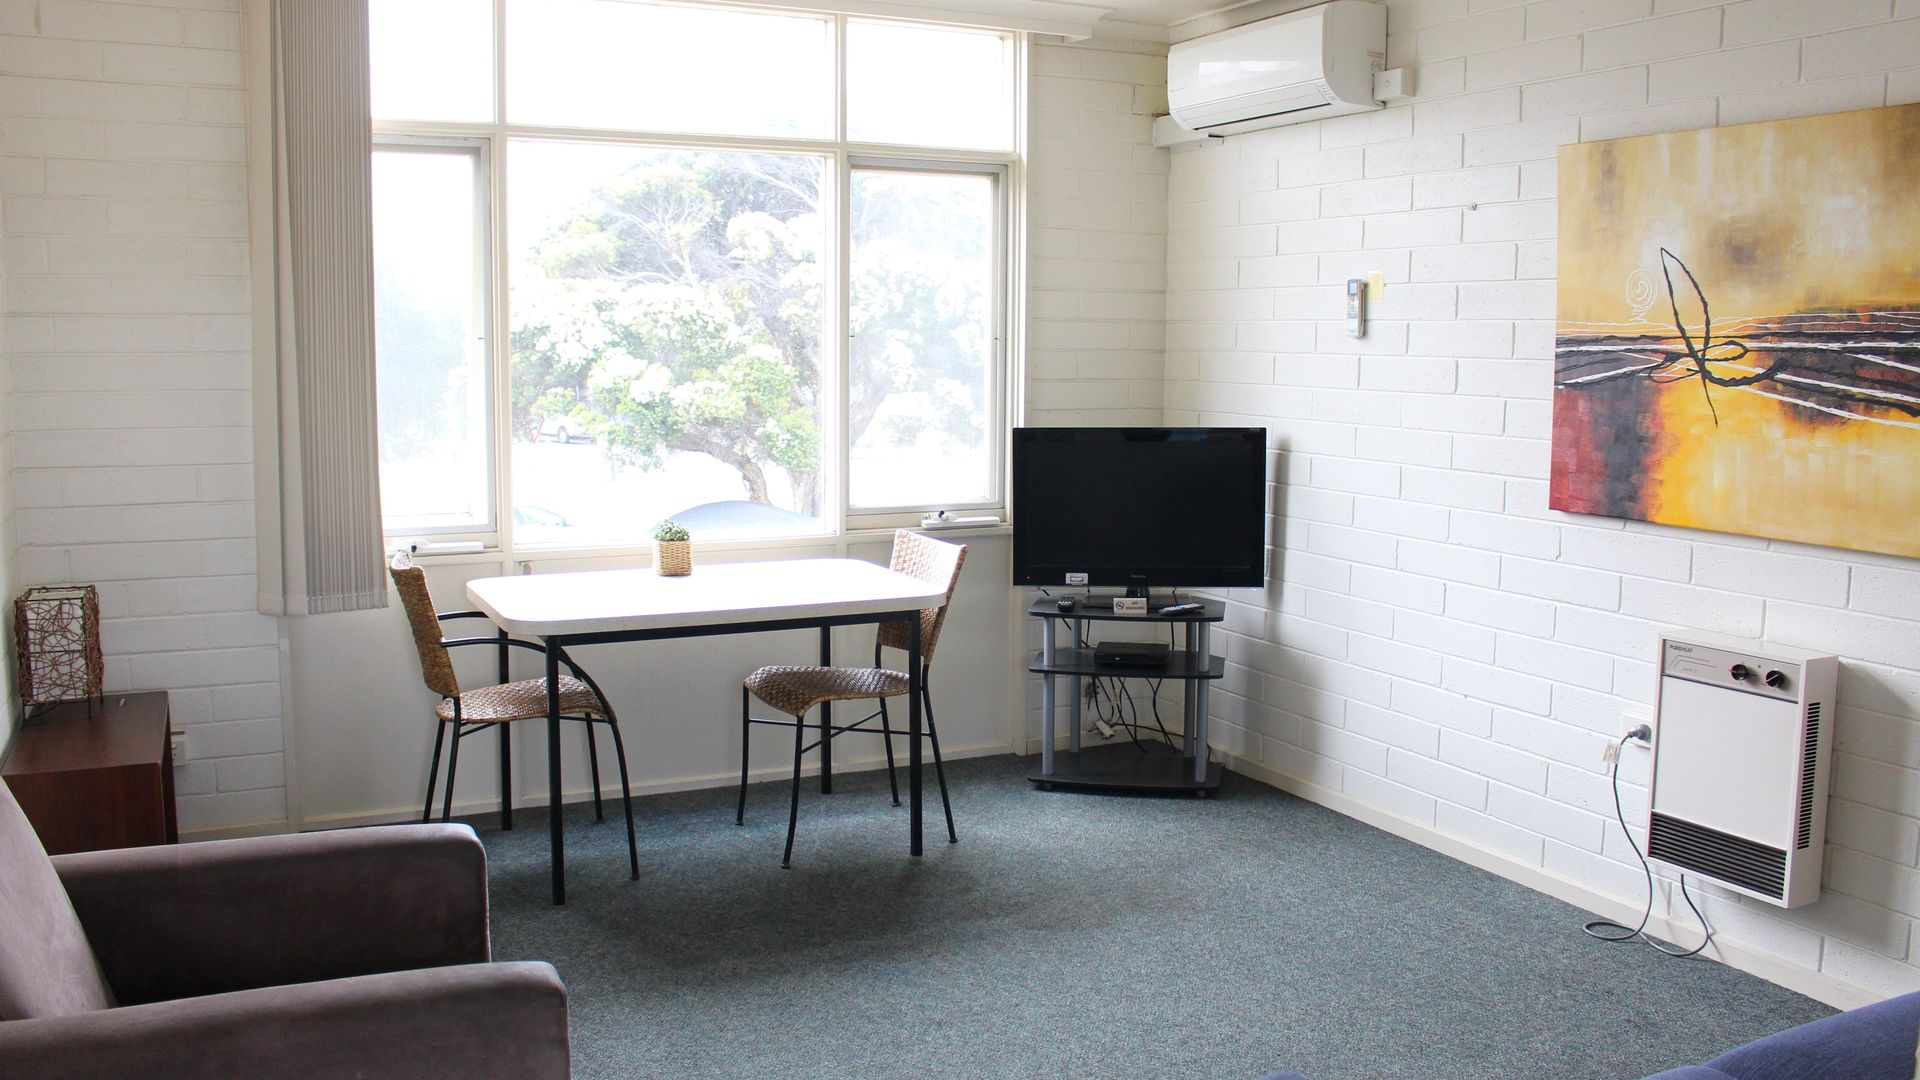 3 & 8/62-64 Western Beach Road, Geelong VIC 3220, Image 1